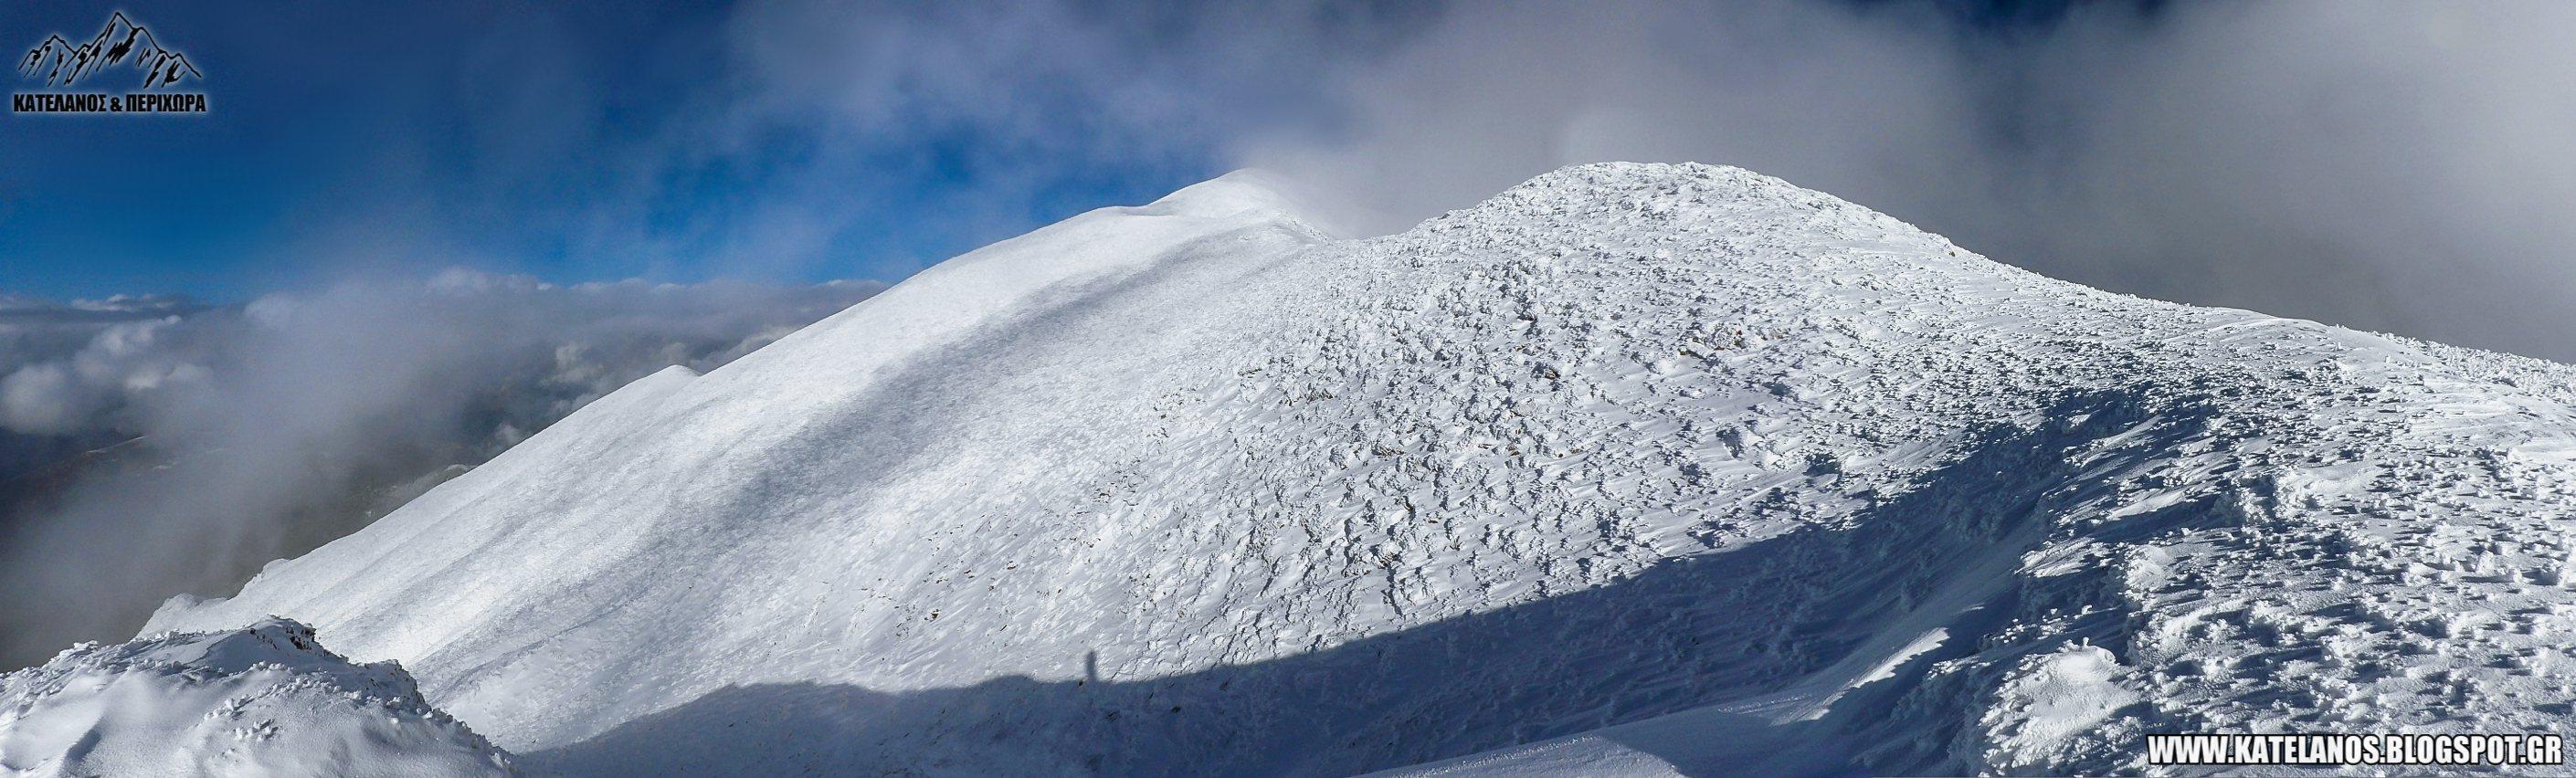 συμπεθερικο συμπεθριακο βουνο ευρυτανιας